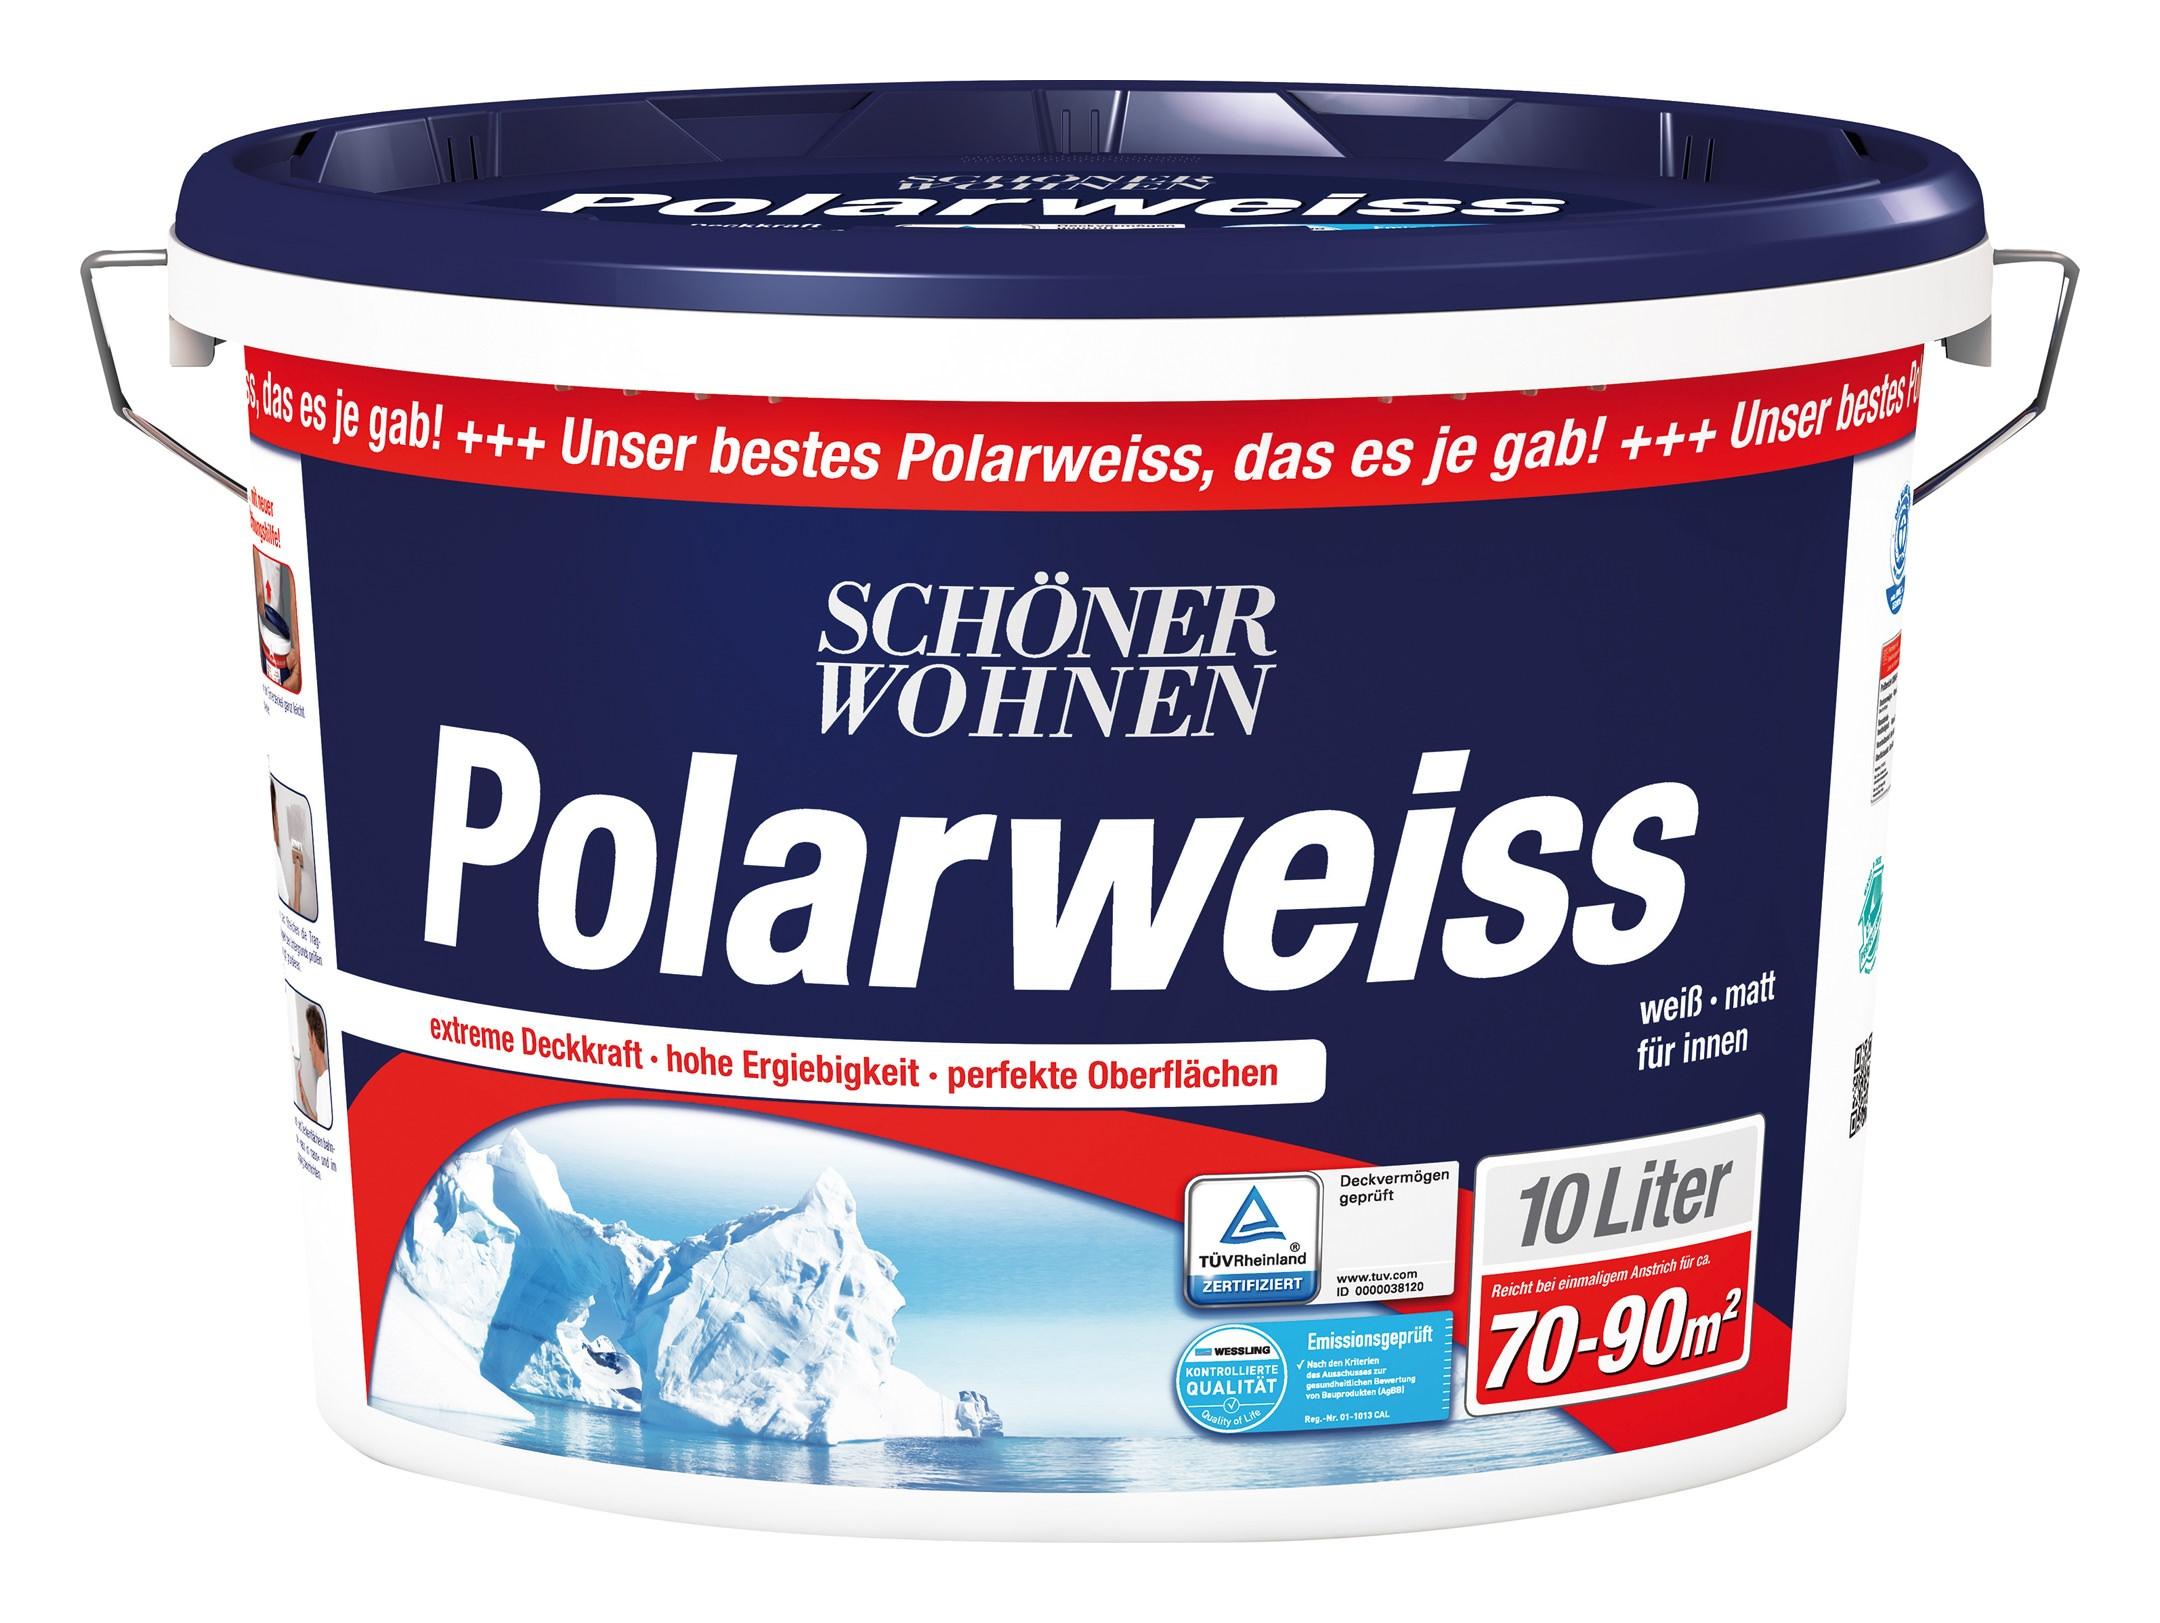 Schöner Wohnen Polarweiss 10l DIN EN 13 300 SW - 246900100095